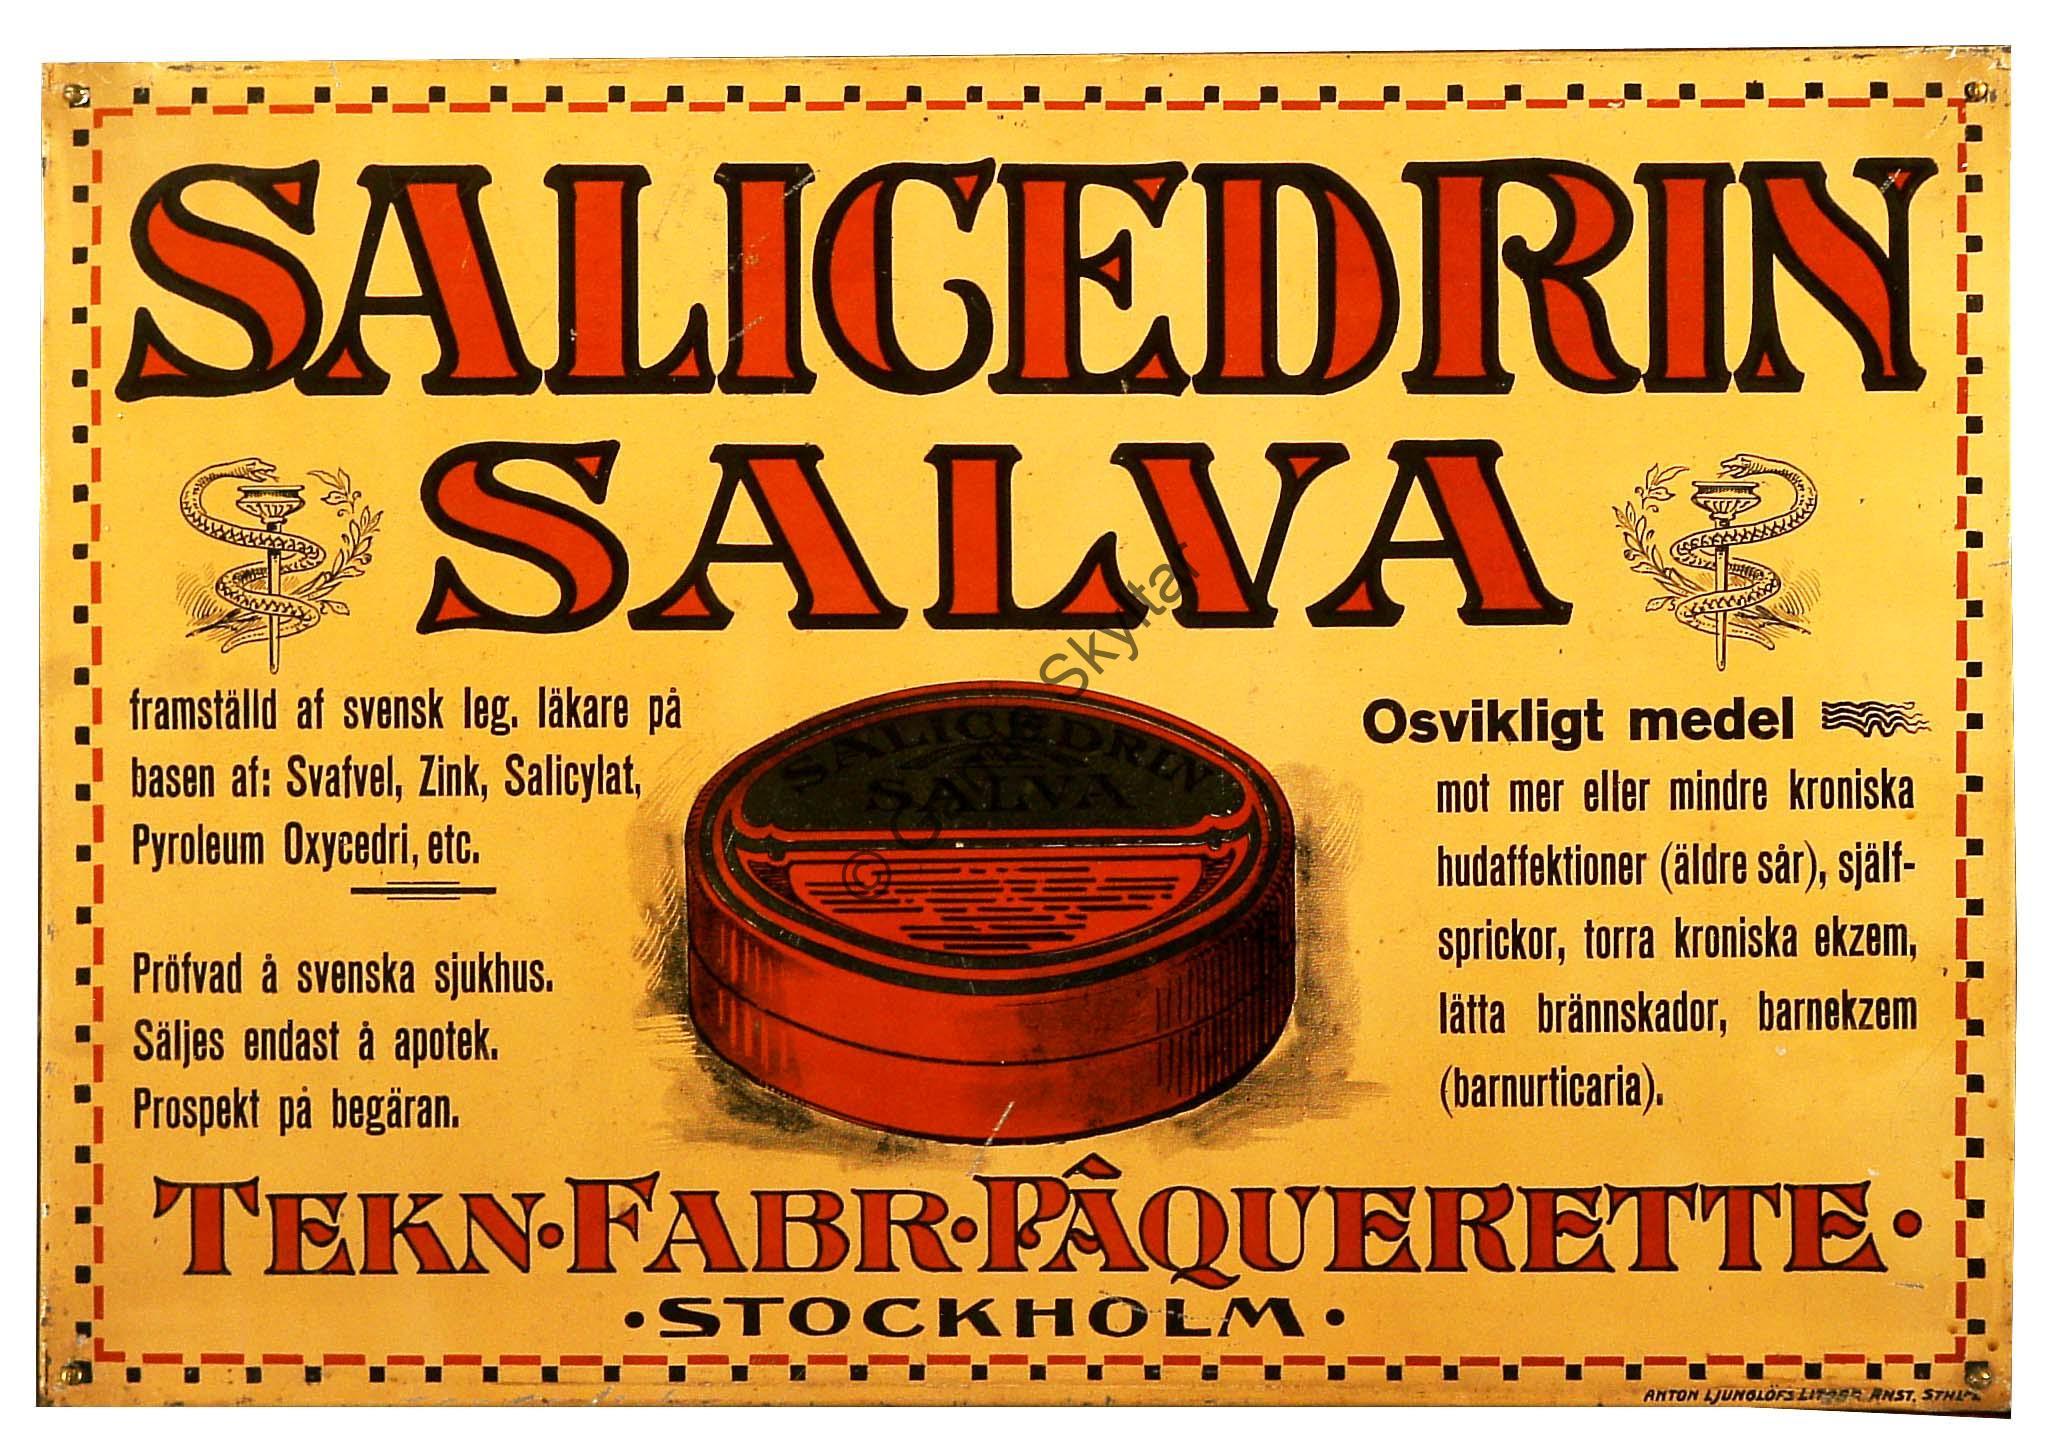 Salicedrin Salva - Gamla Skyltar 0b650e01c9fe6